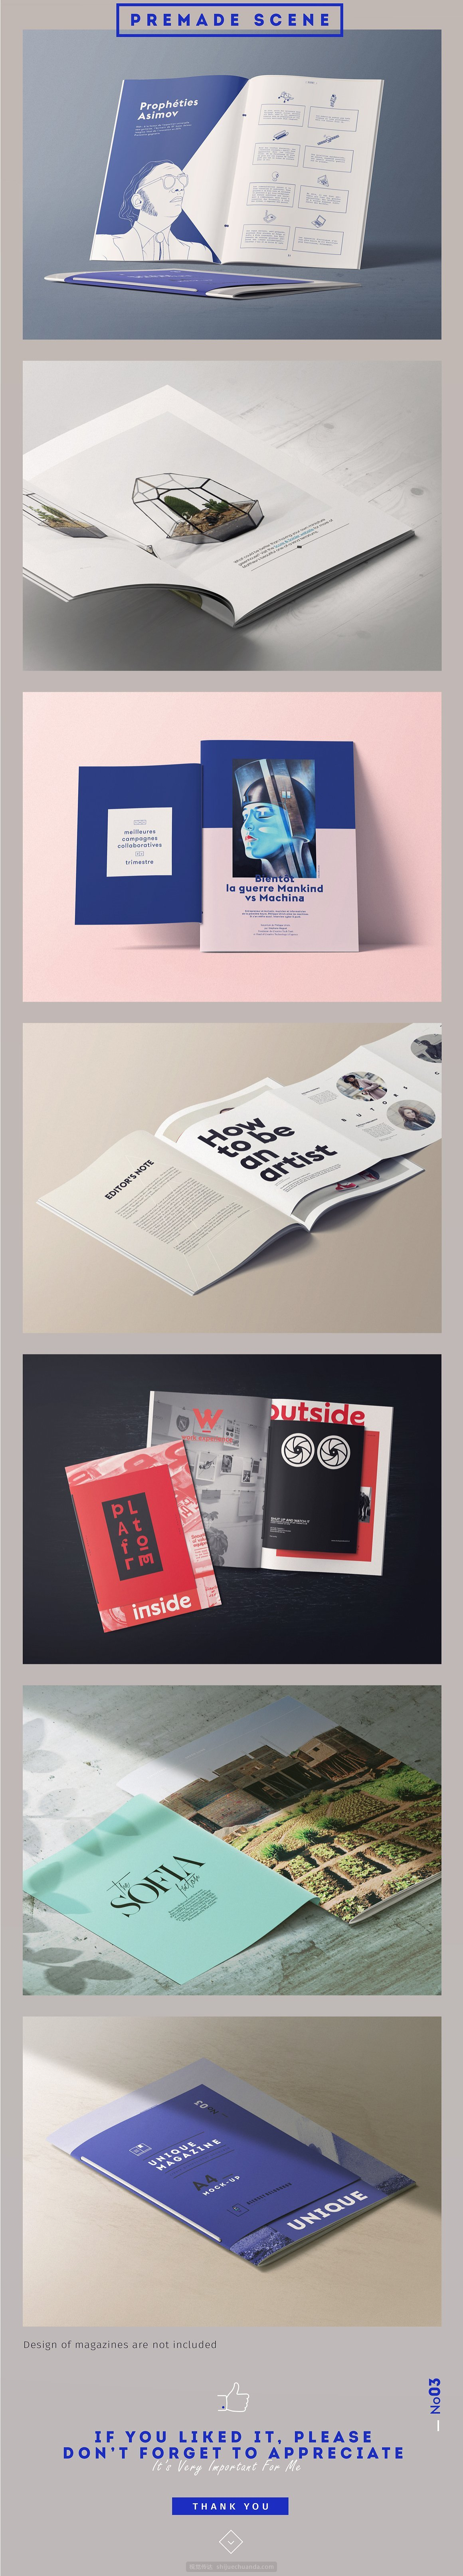 高端杂志画册设计场景提案样机模板